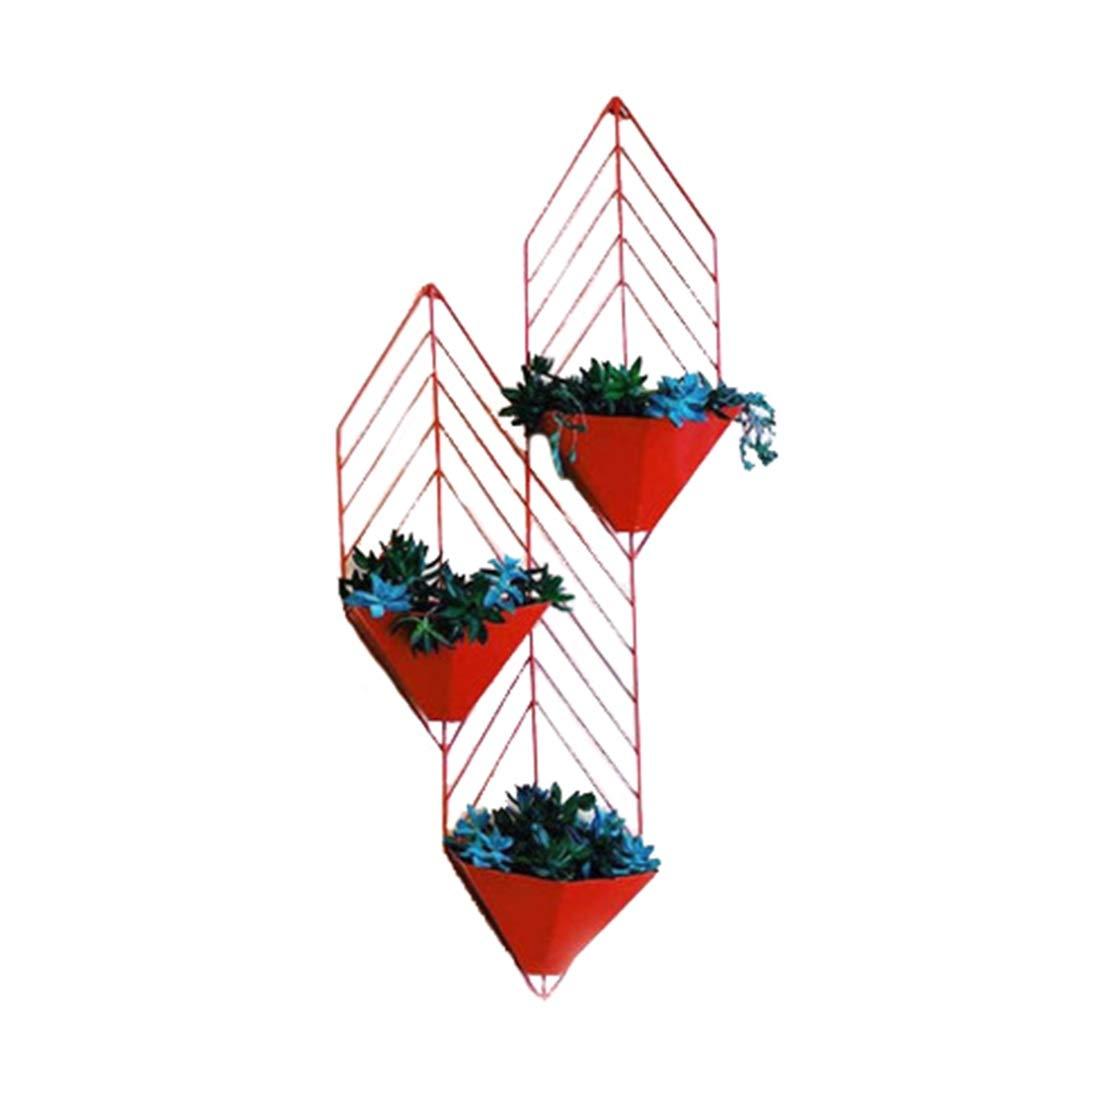 ZHILIAN® Kreative An Der Wand Befestigte Metallschmiedeeisen-Blaumenstandplatz Einfache Europäische Schwarz Orange Rote Familienwohnzimmerschlafzimmer-Multifunktionsgestell ( Farbe   Schwarz) rot